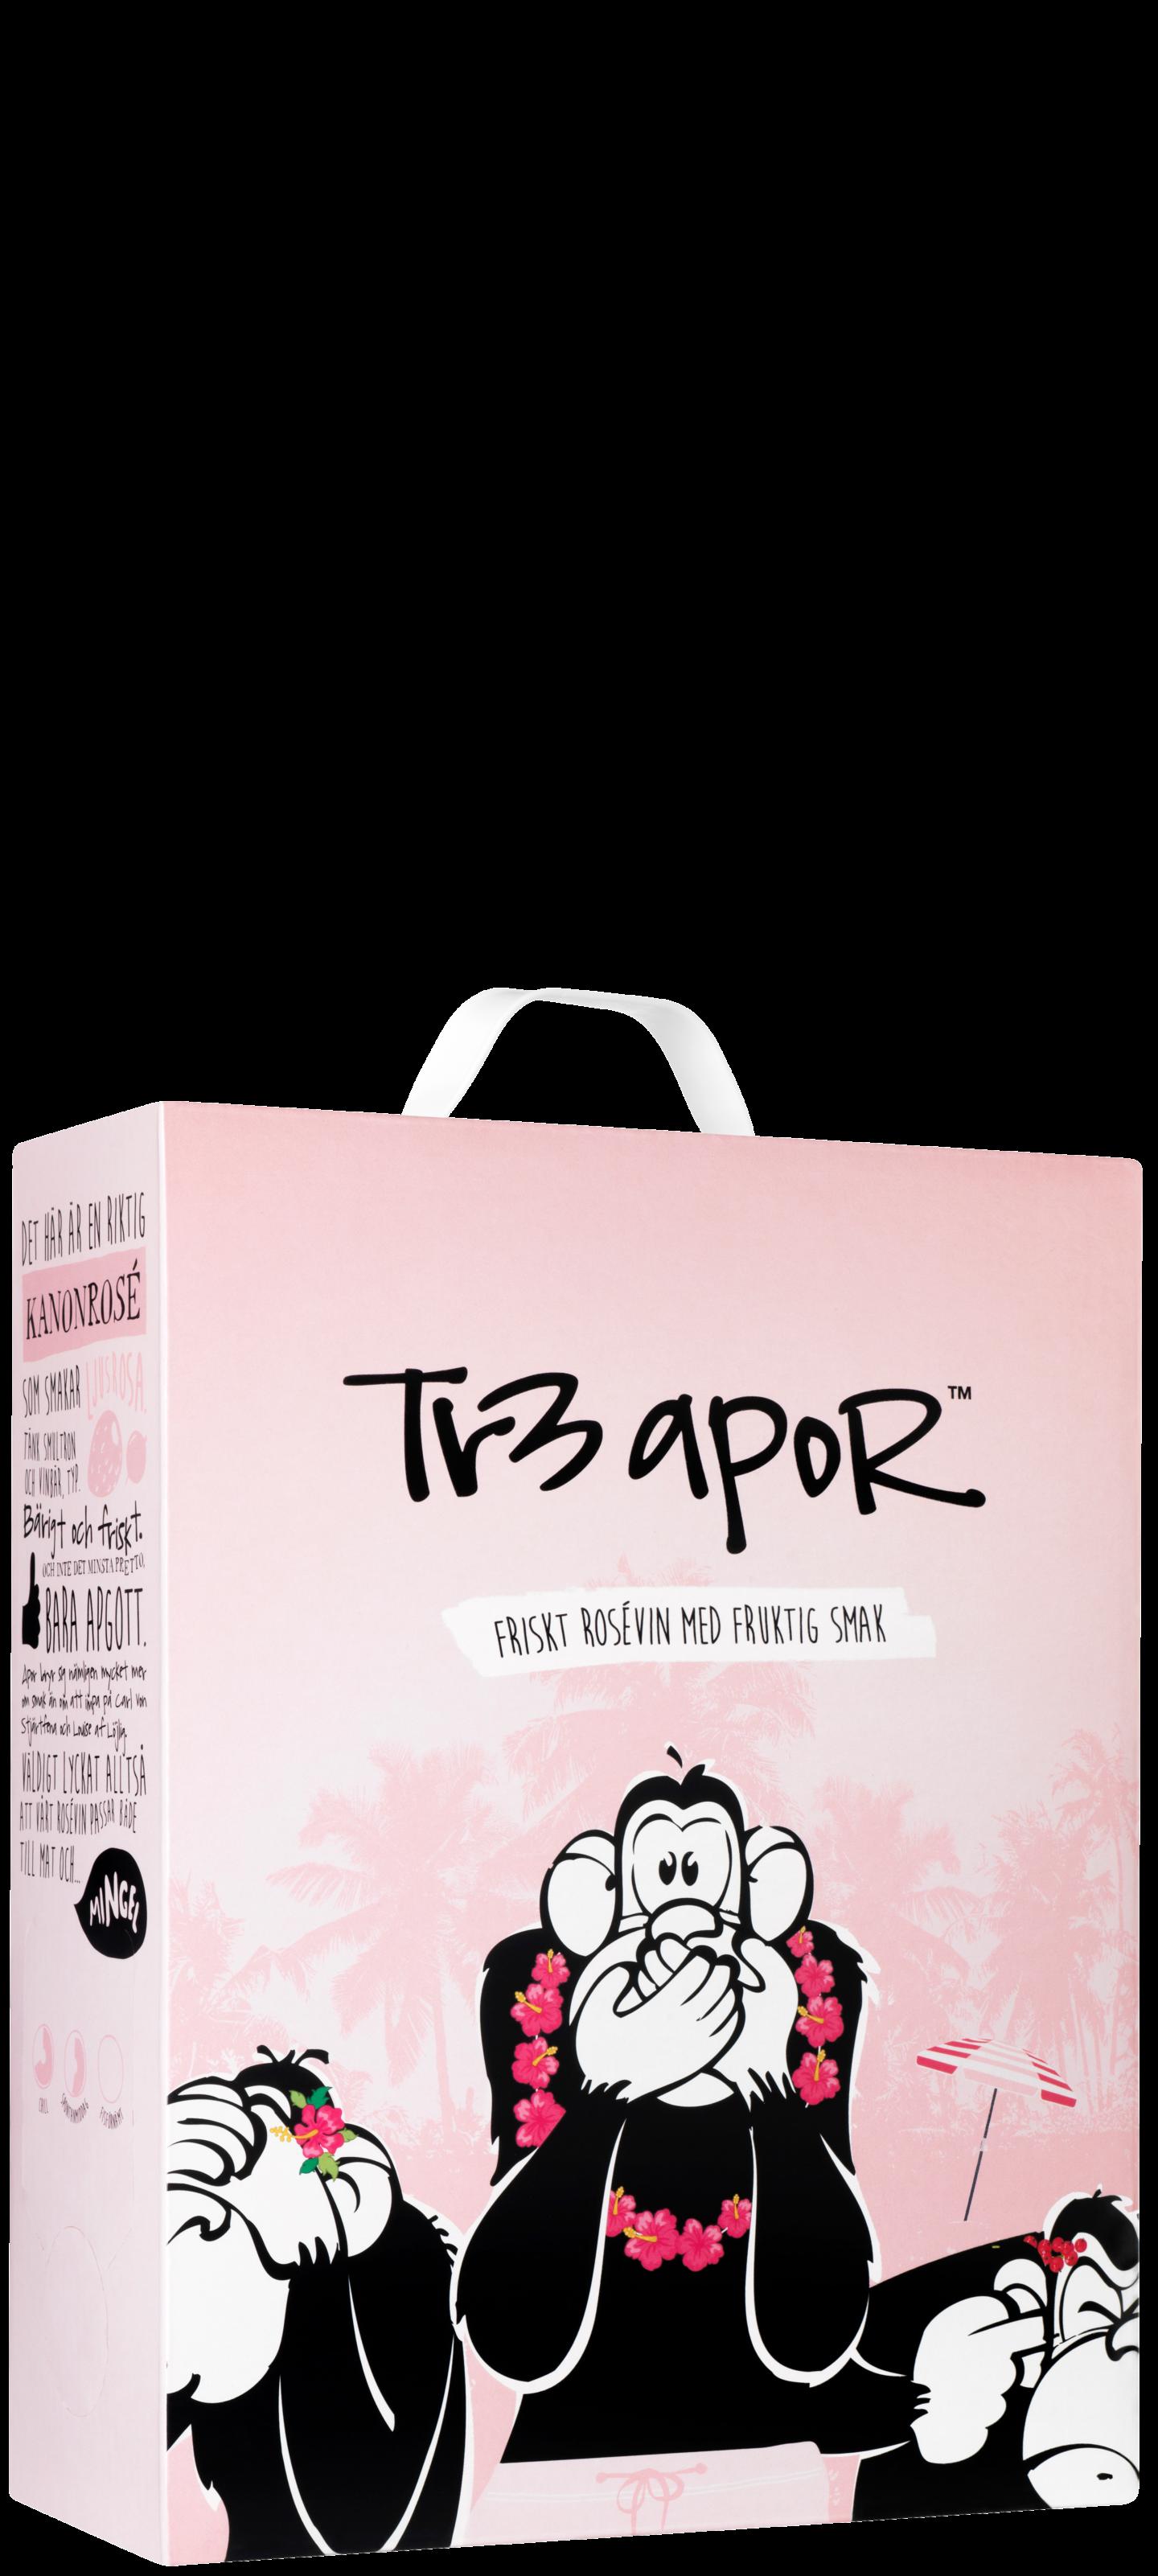 https://www.enjoywine.se/app/uploads/2019/04/Tr3-Apor_Rose_BIB_2019-alpha-huge-fixed.png